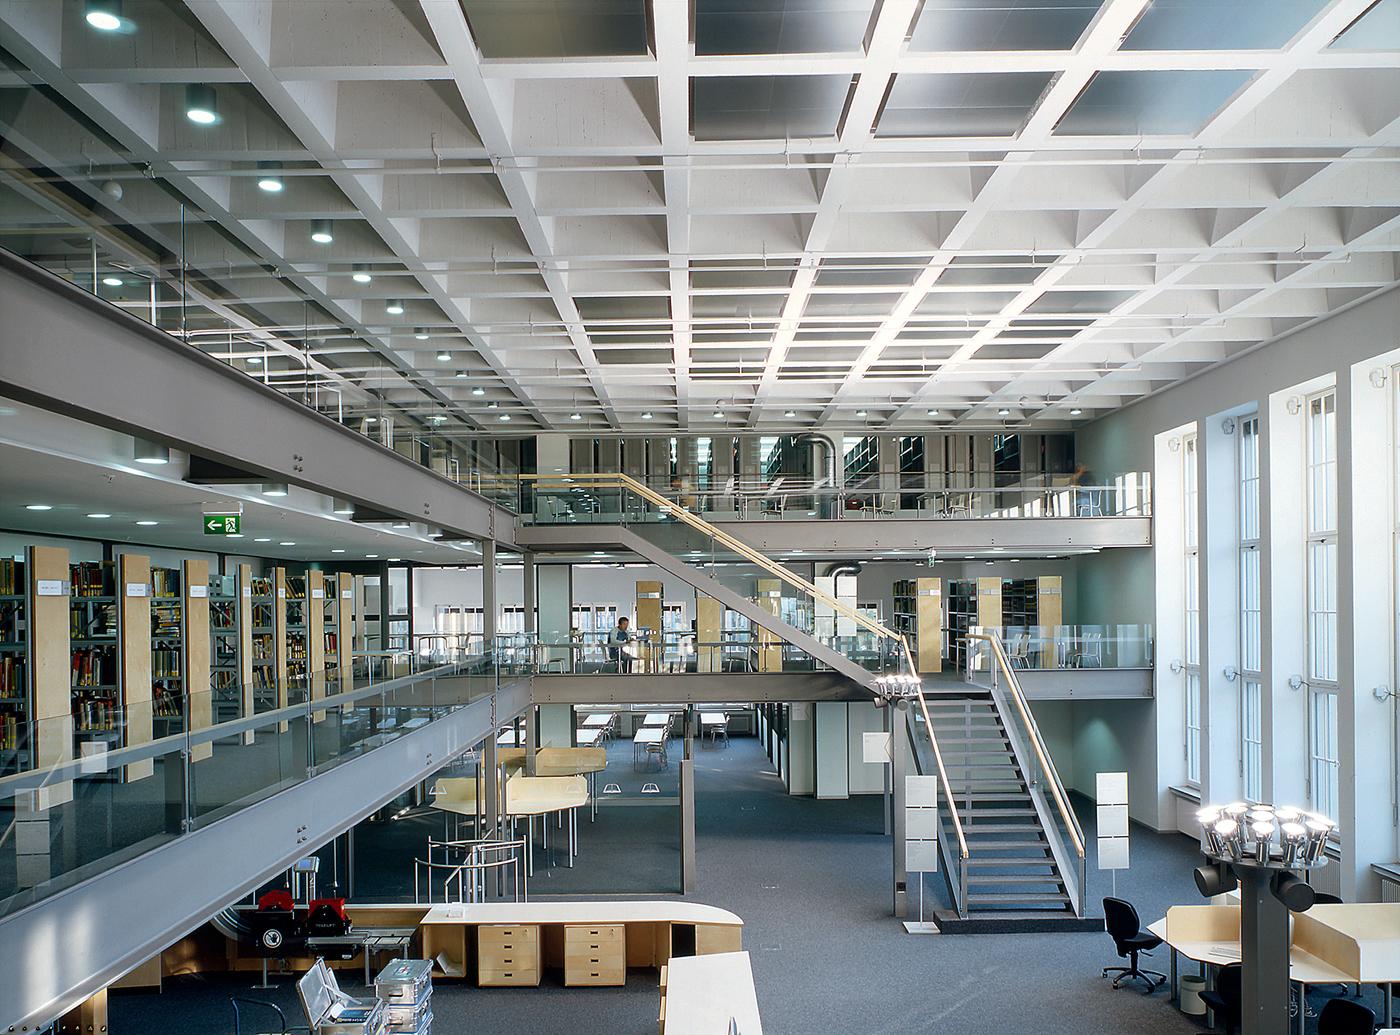 Teilbibliotheken universit tsbibliothek der tum for Uni architektur